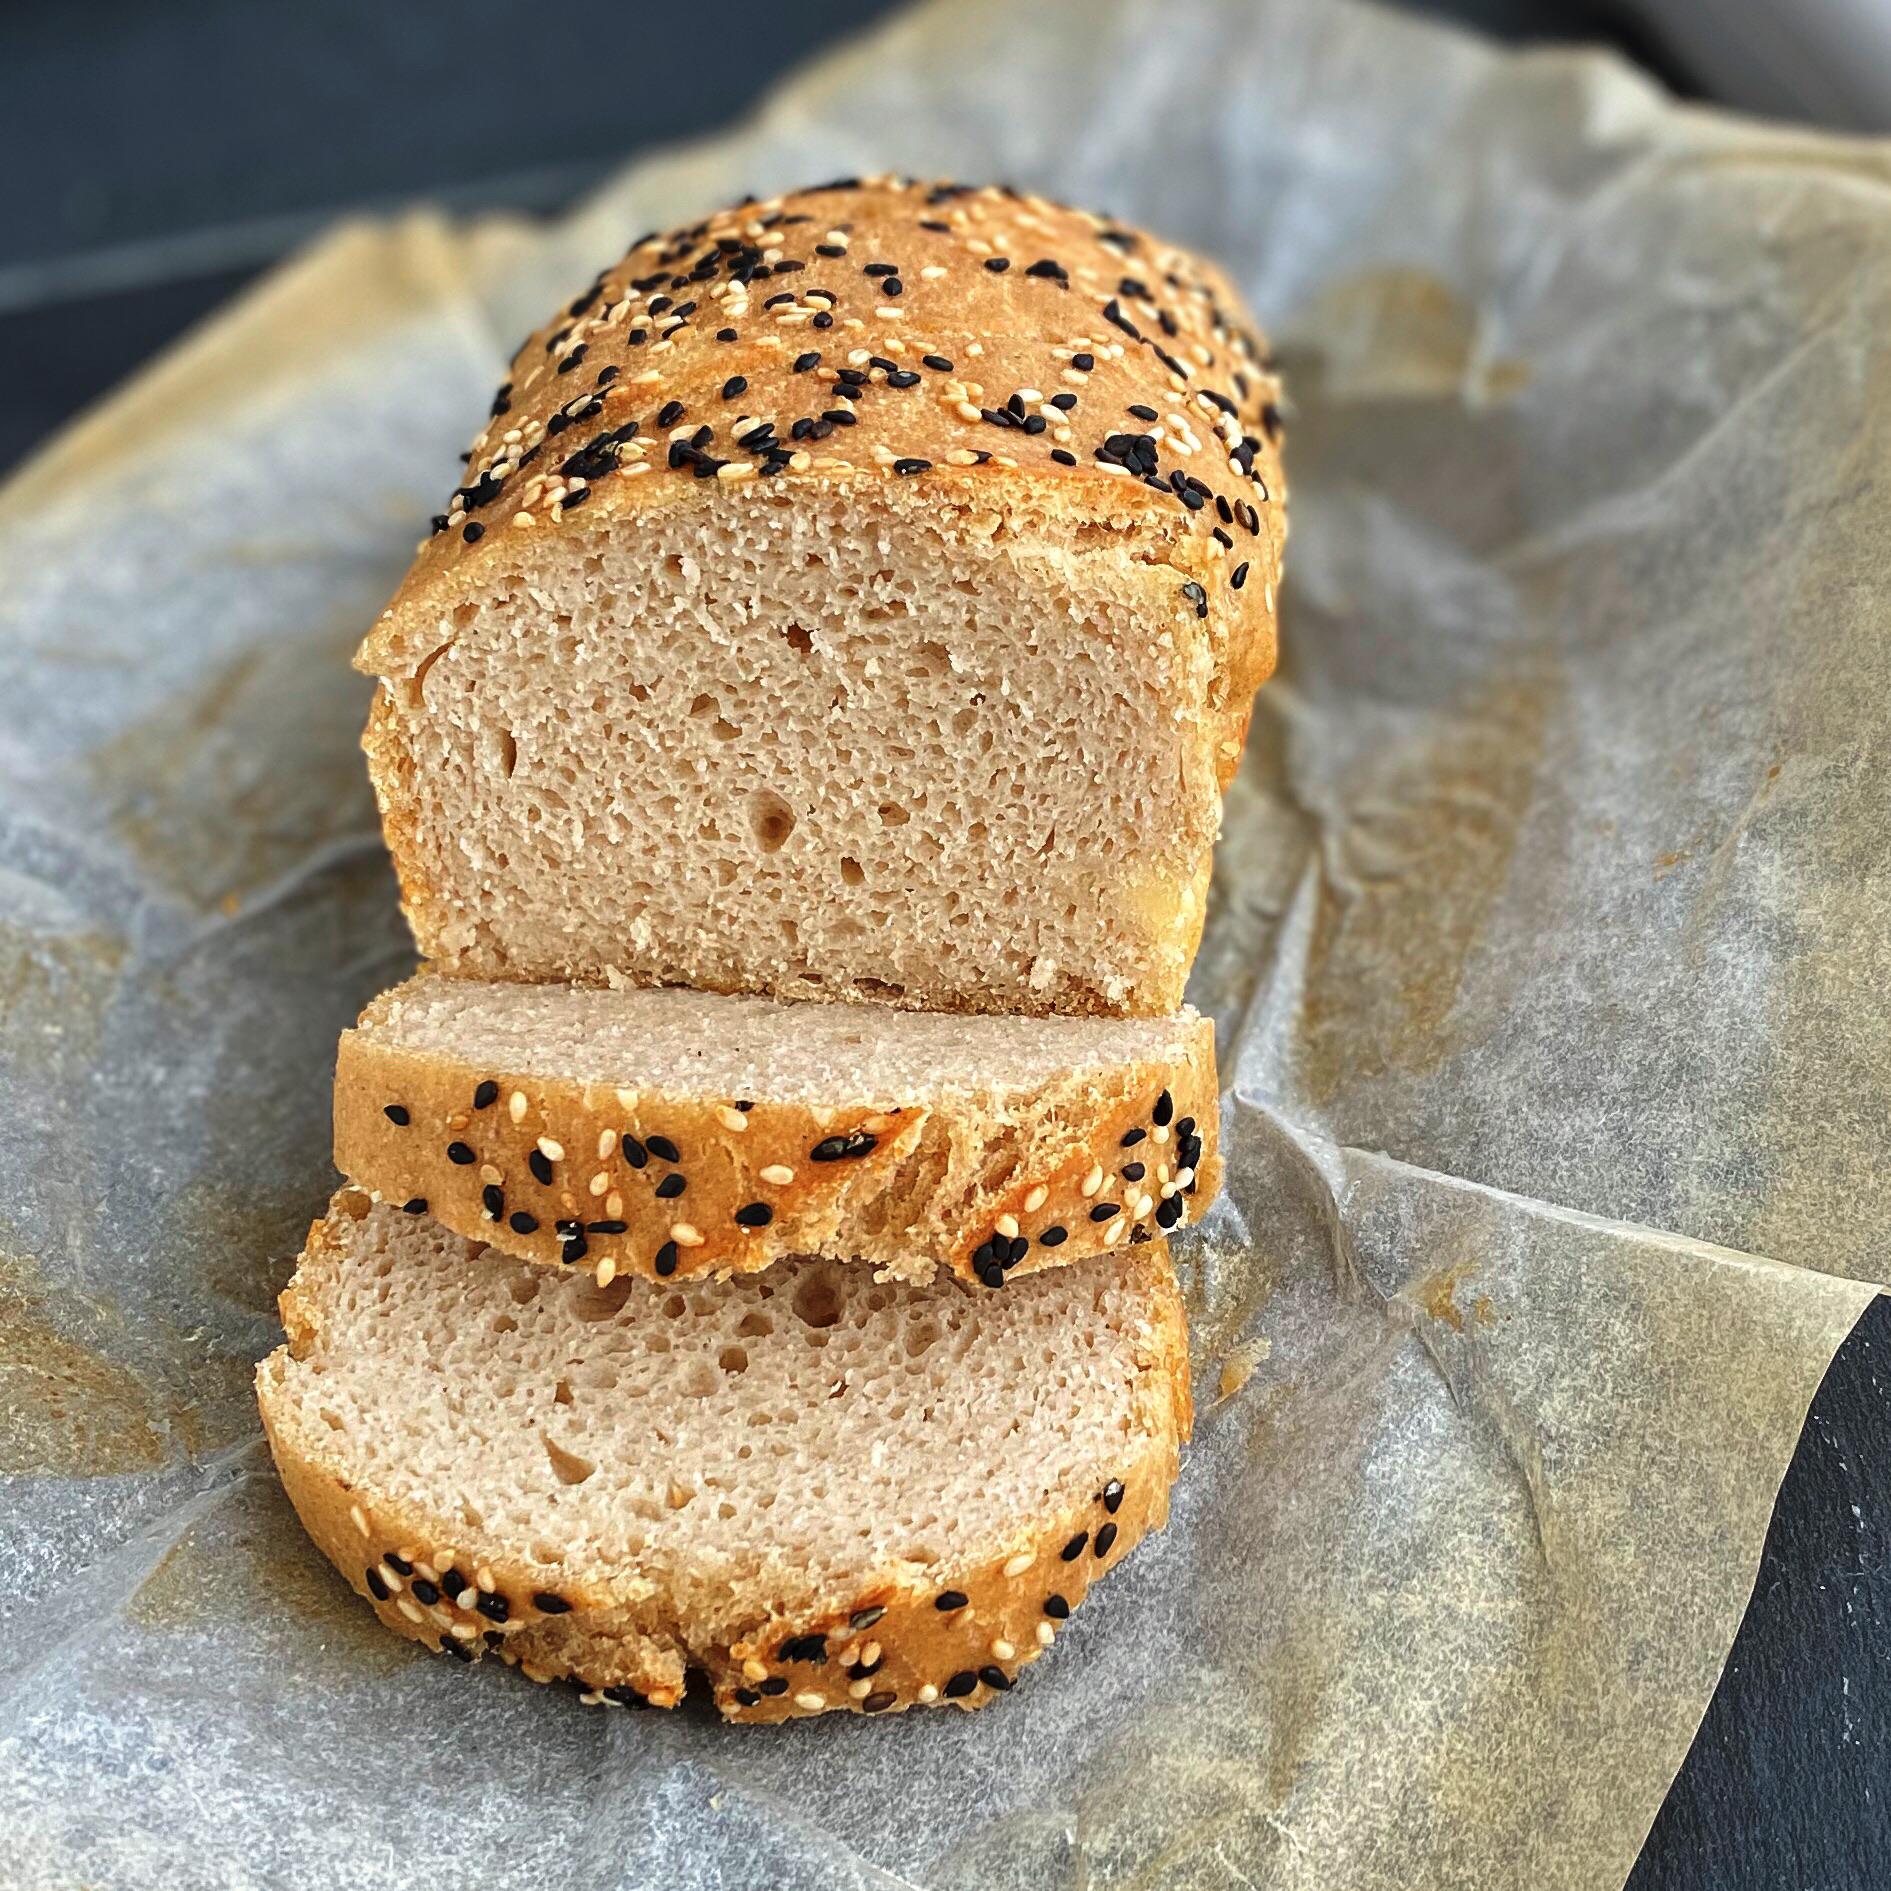 Gluten-Free Sourdough Sandwich Bread